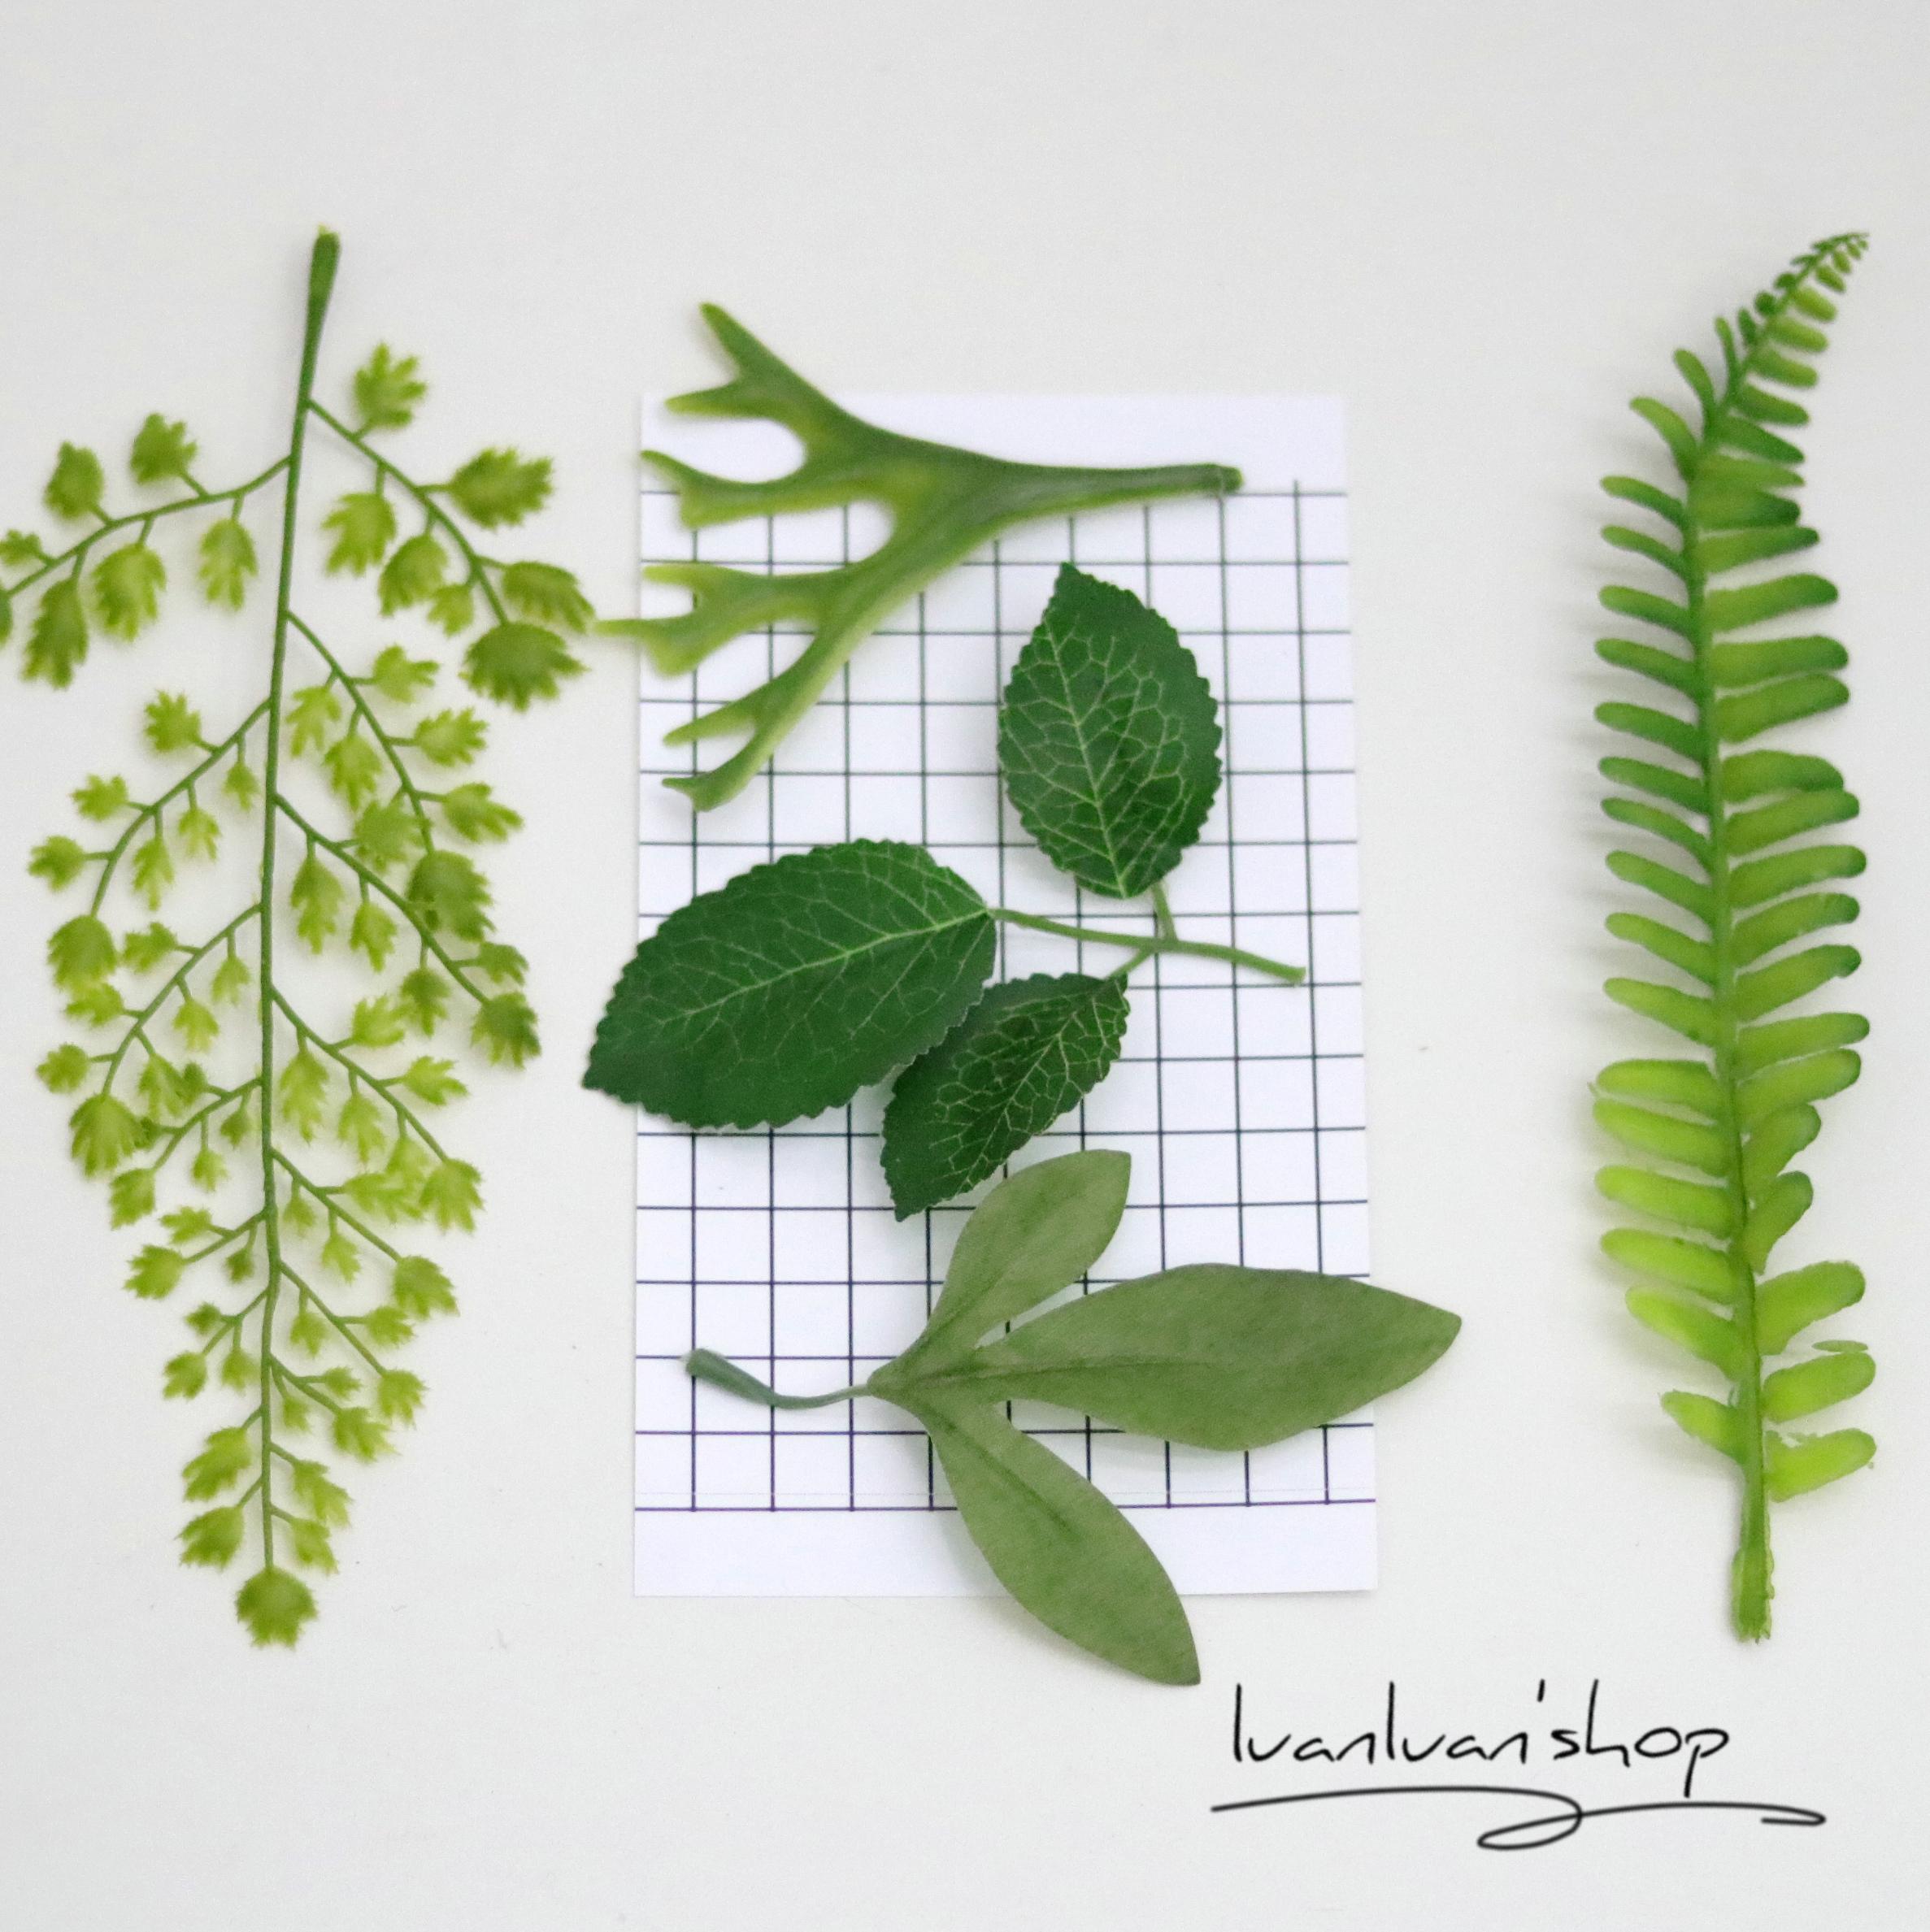 热卖极简ins北欧风绿植集合 热带植物芭蕉叶树叶拍照道具chic房间布置图片